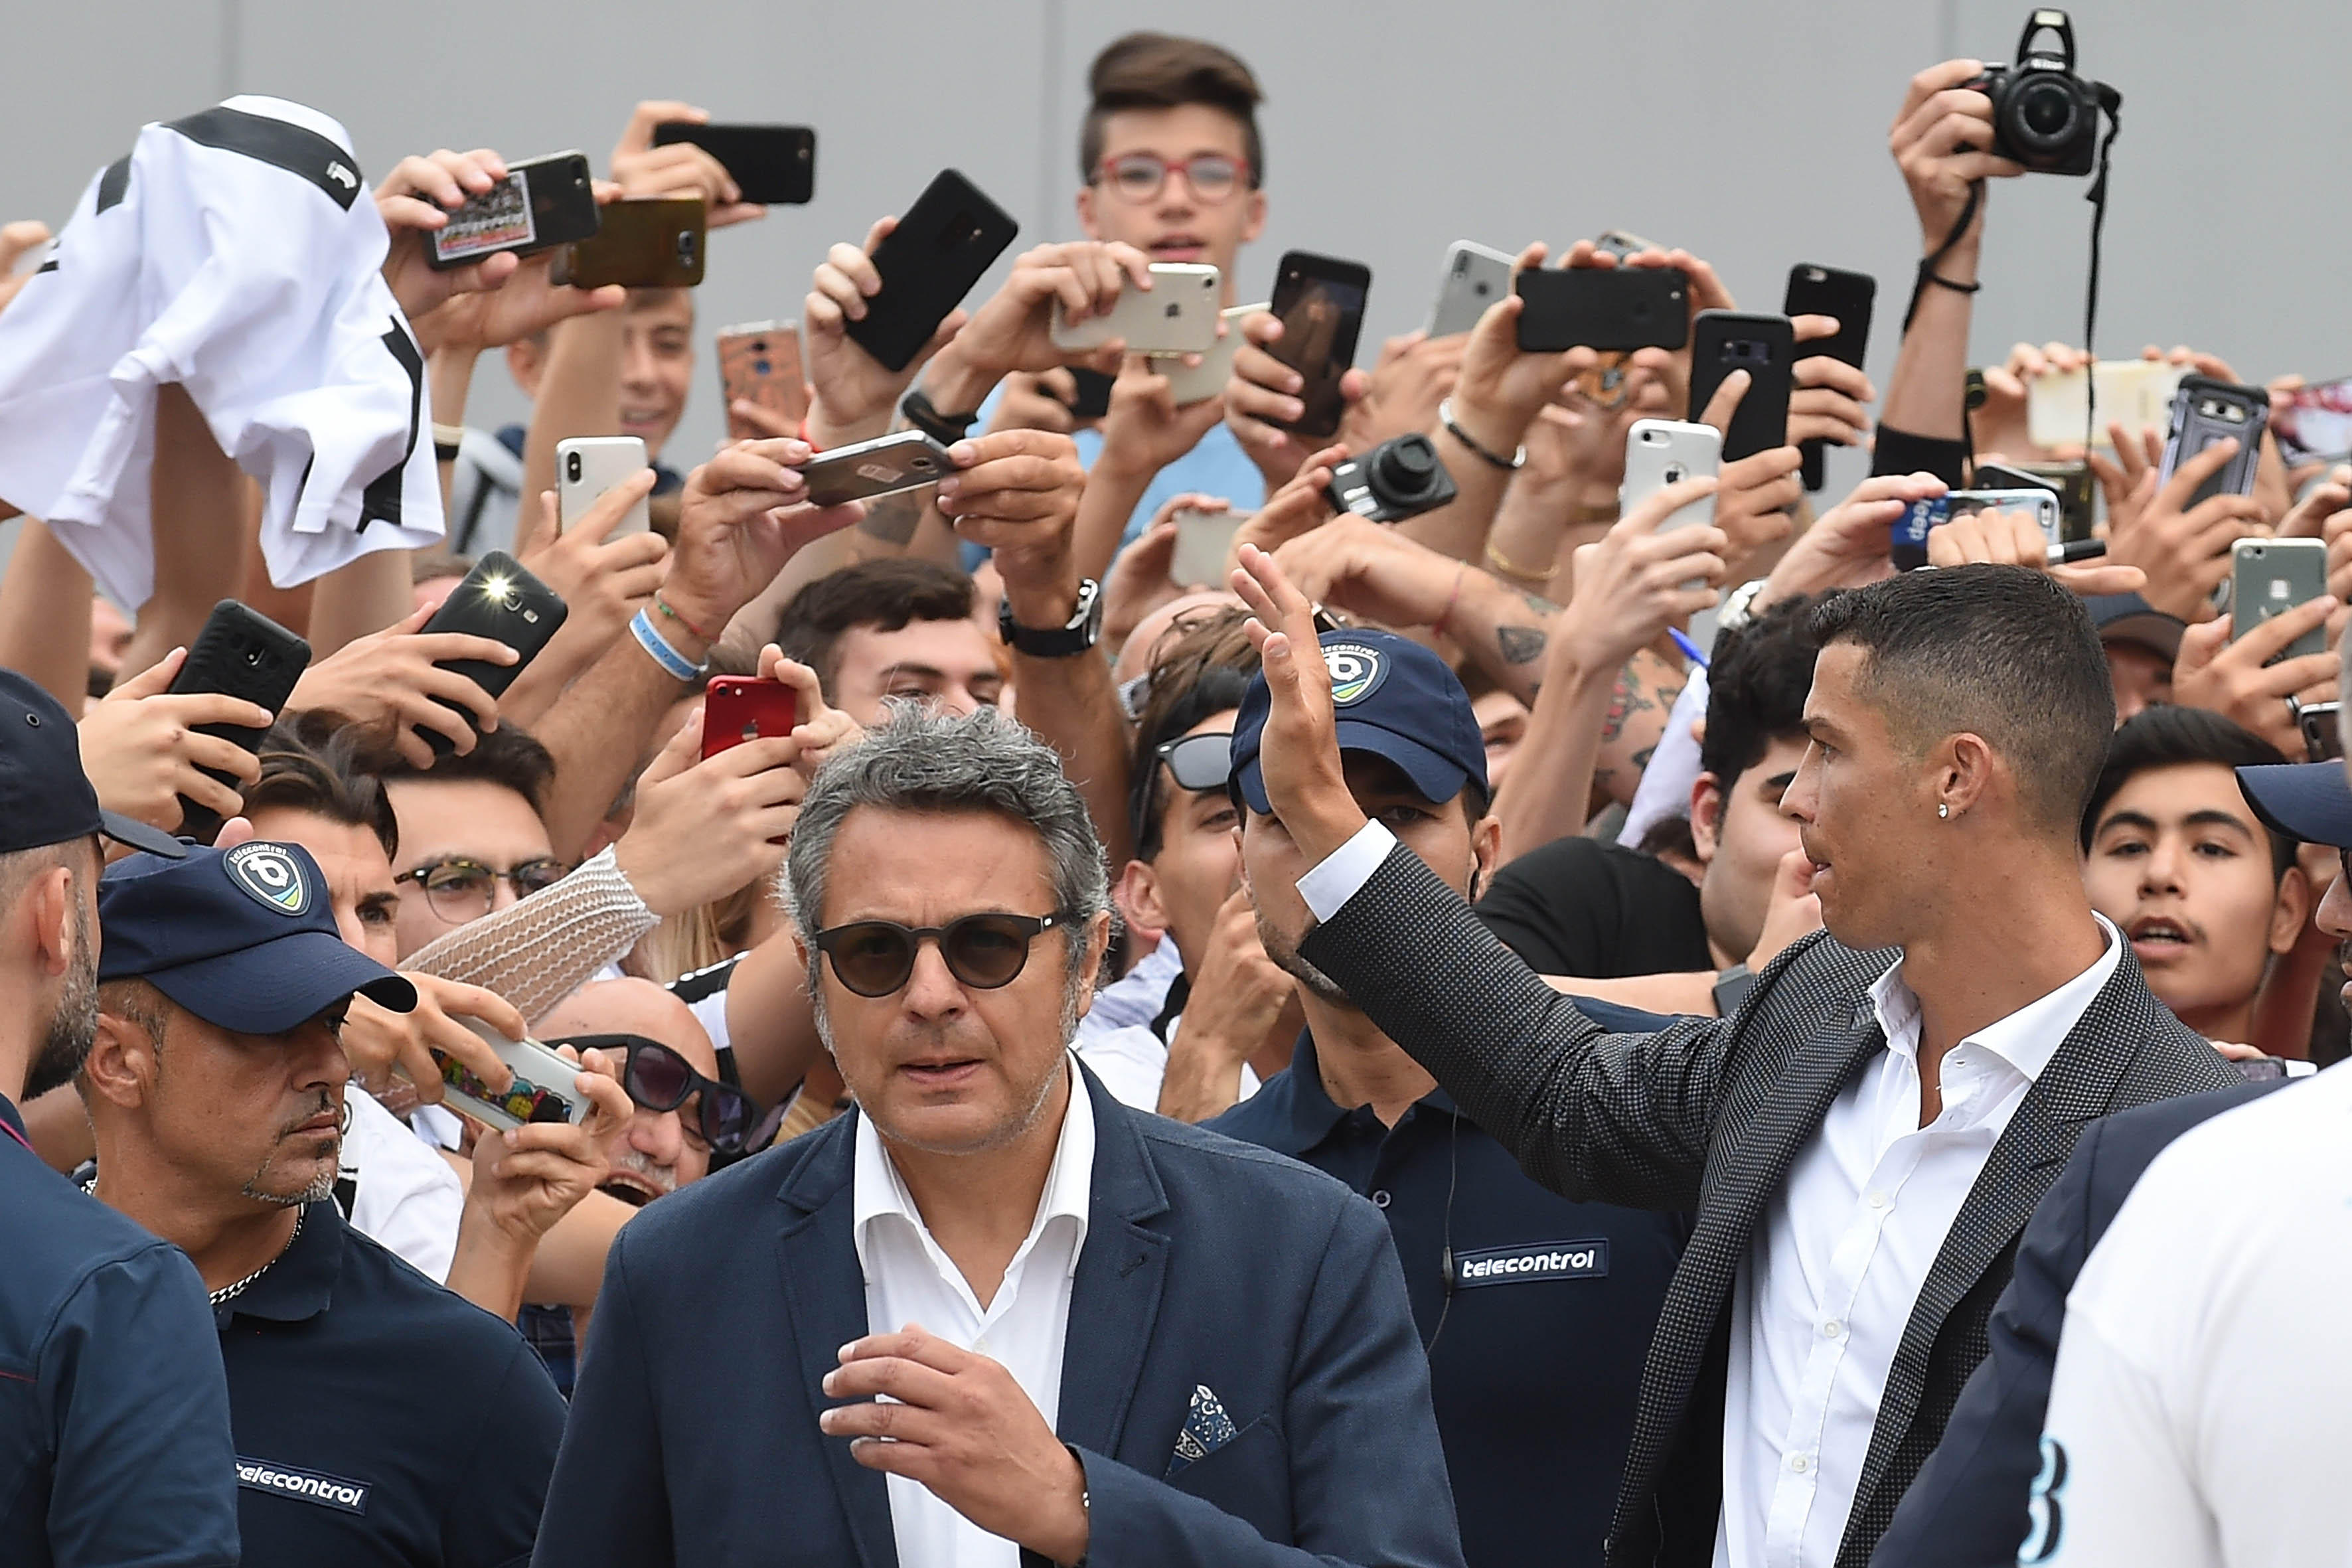 16 luglio - bagno di folla per CR7, che incontra per la prima volta i tifosi della Juve